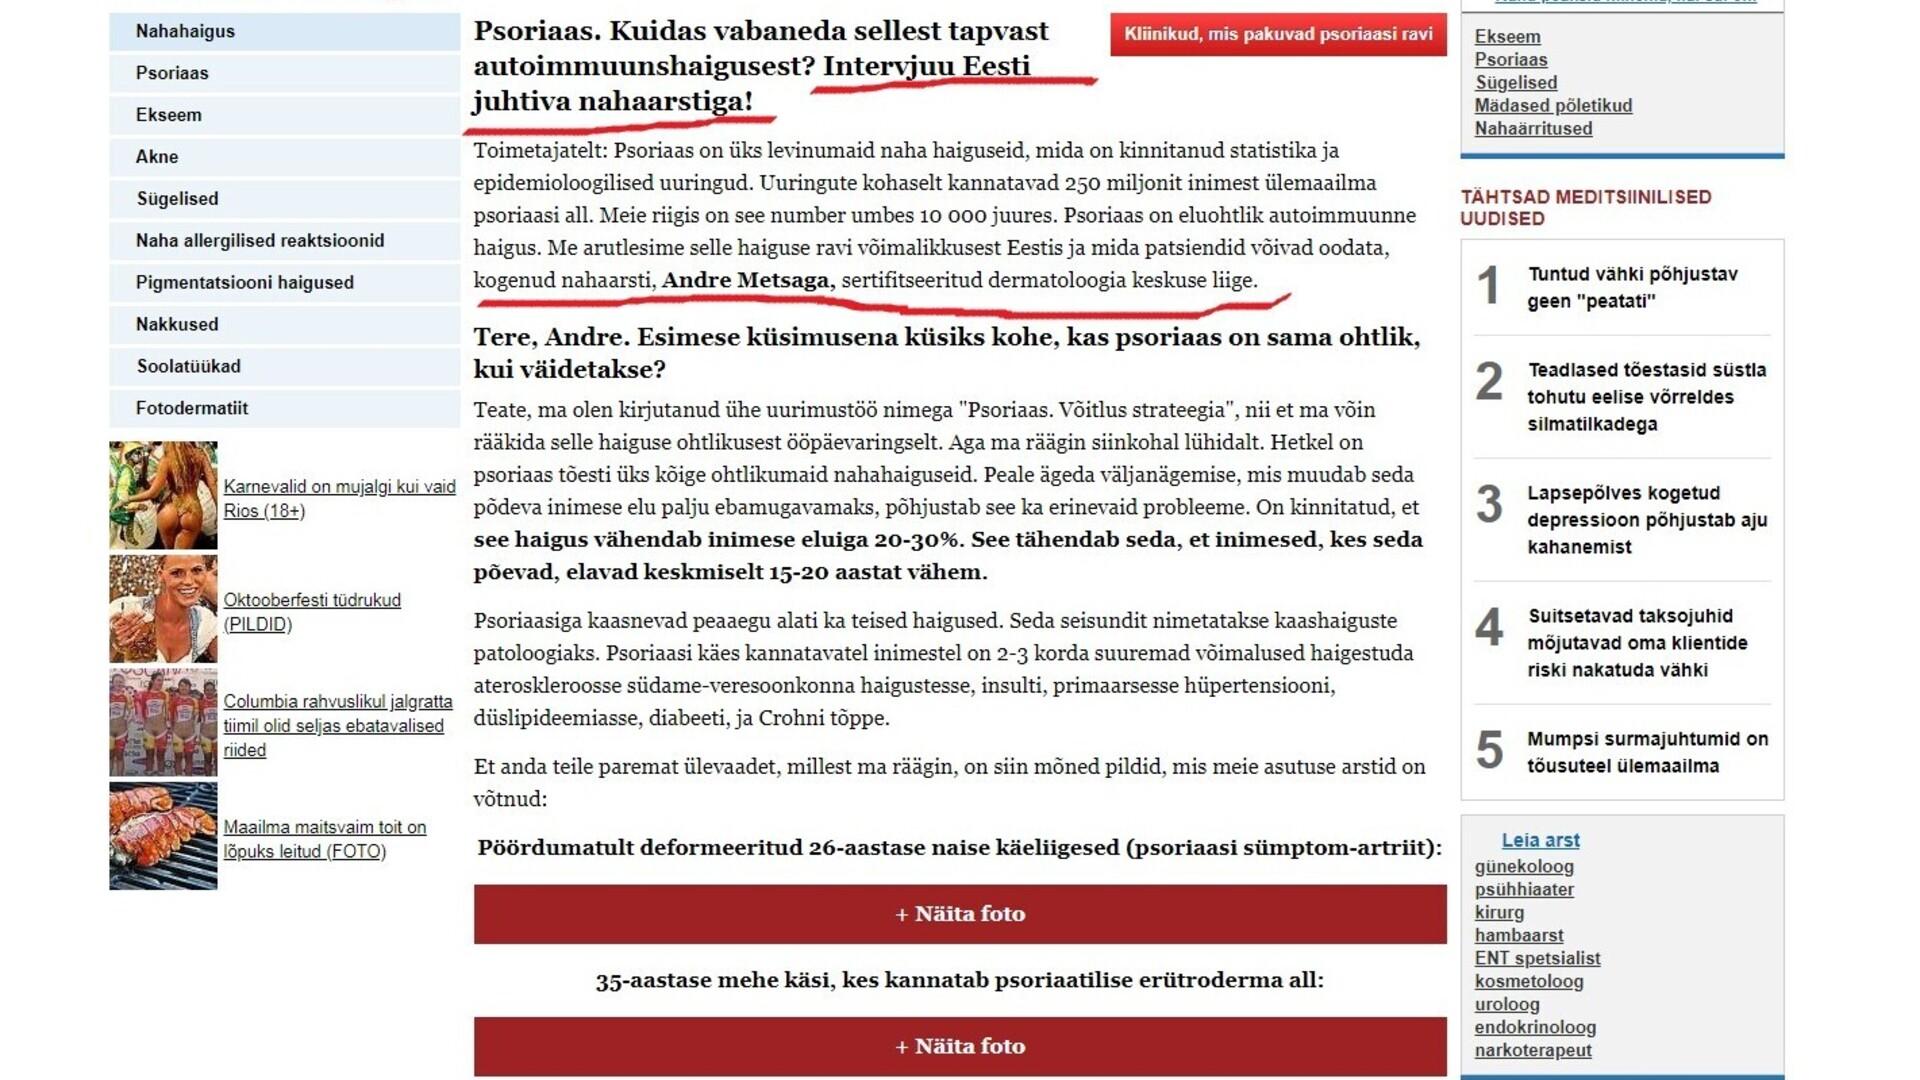 c26eeb32fc1 Ebaravi nörritab: erialaselts küsib riigiametitelt, kus on nende silmad |  Eesti | ERR